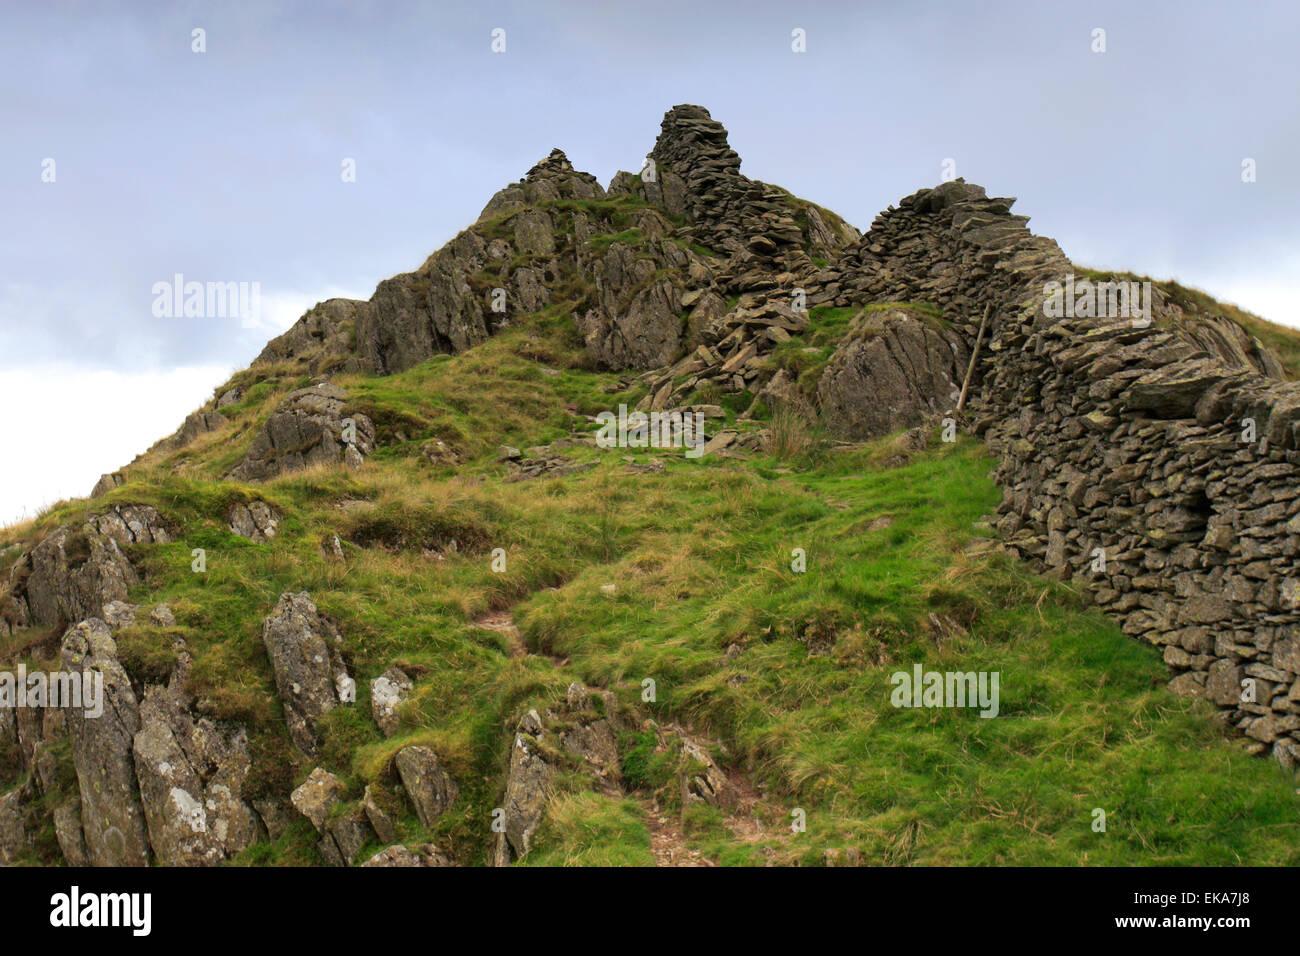 La vista horizontal a lo largo de la cima de la baja Pike cayó, Fairfield Horseshoe fells, Lake District National Park, Condado de Cumbria, Foto de stock